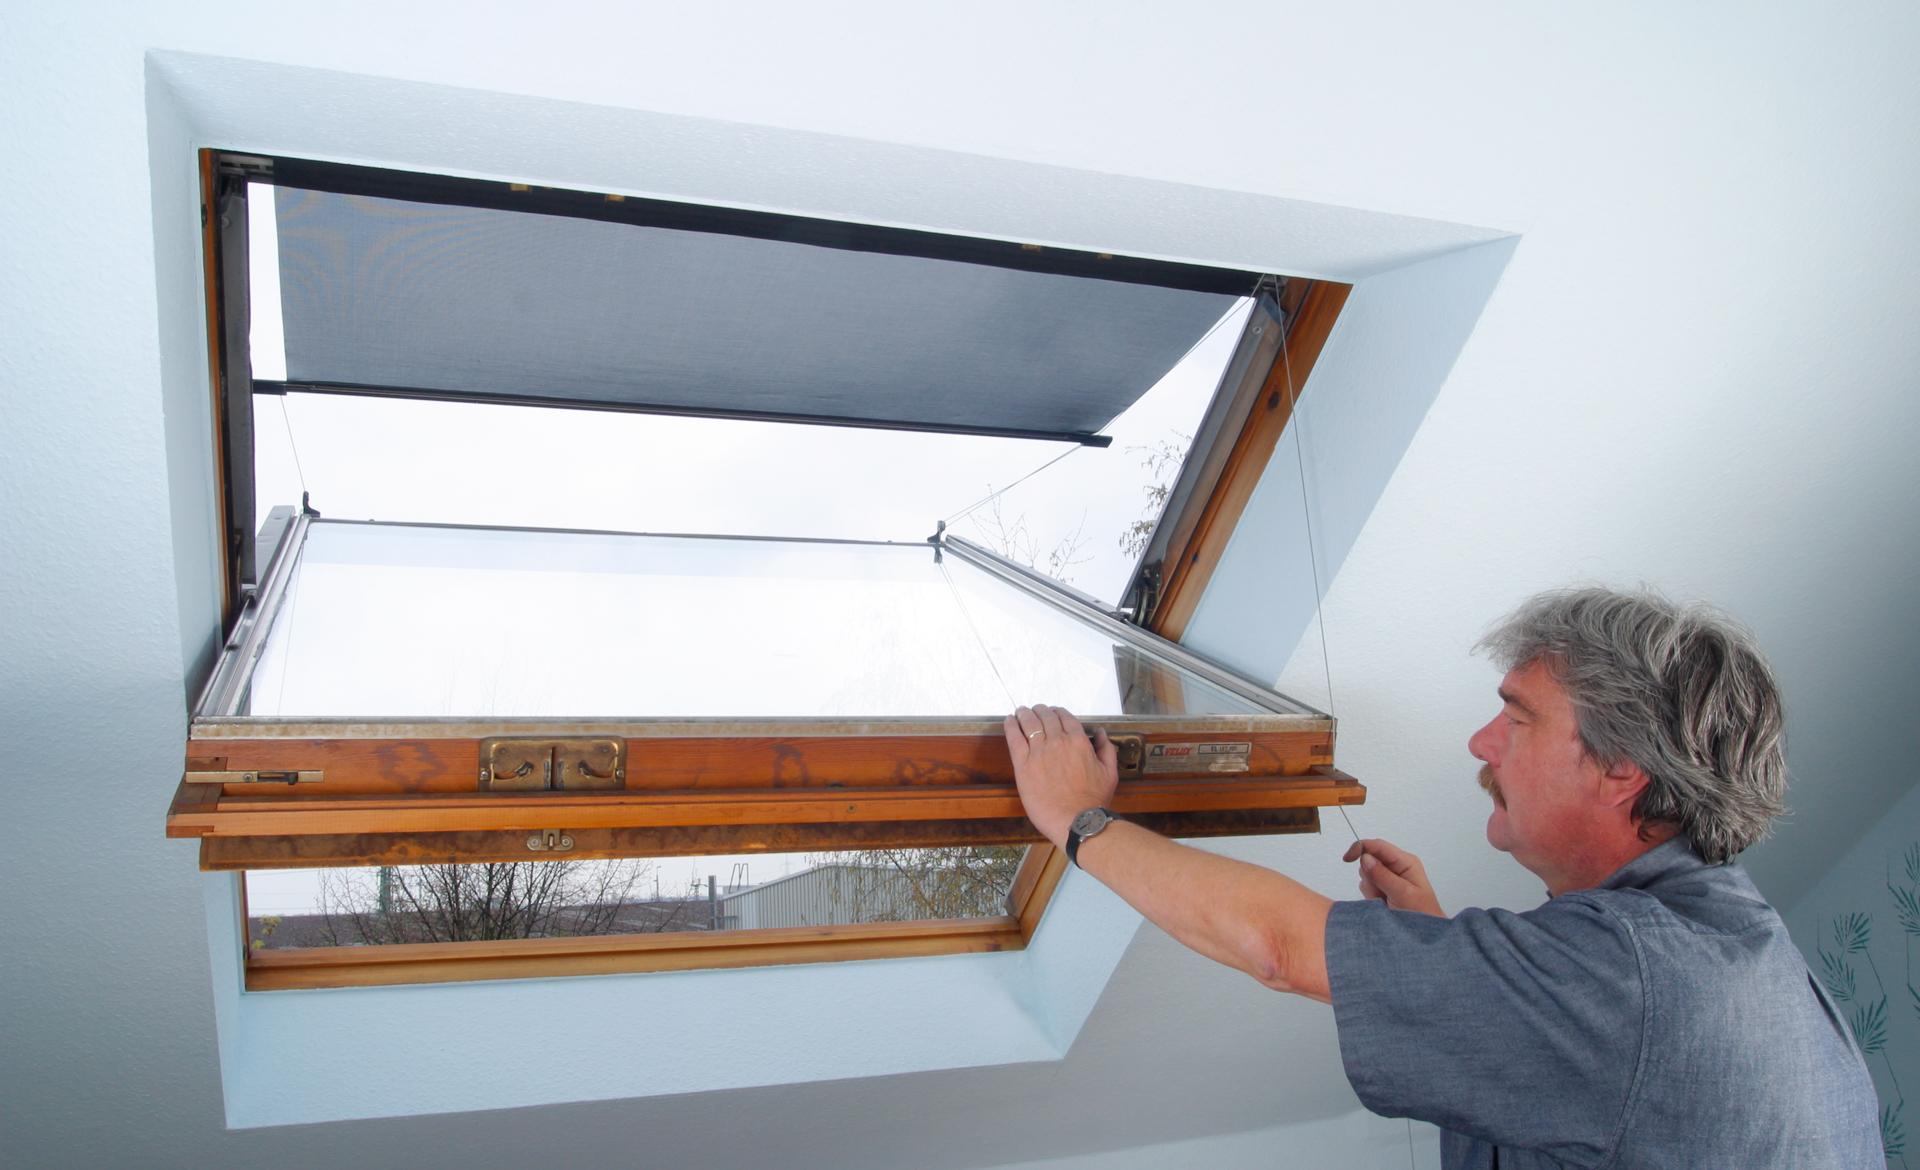 hitzeschutz-markise dachfenster | selbst.de